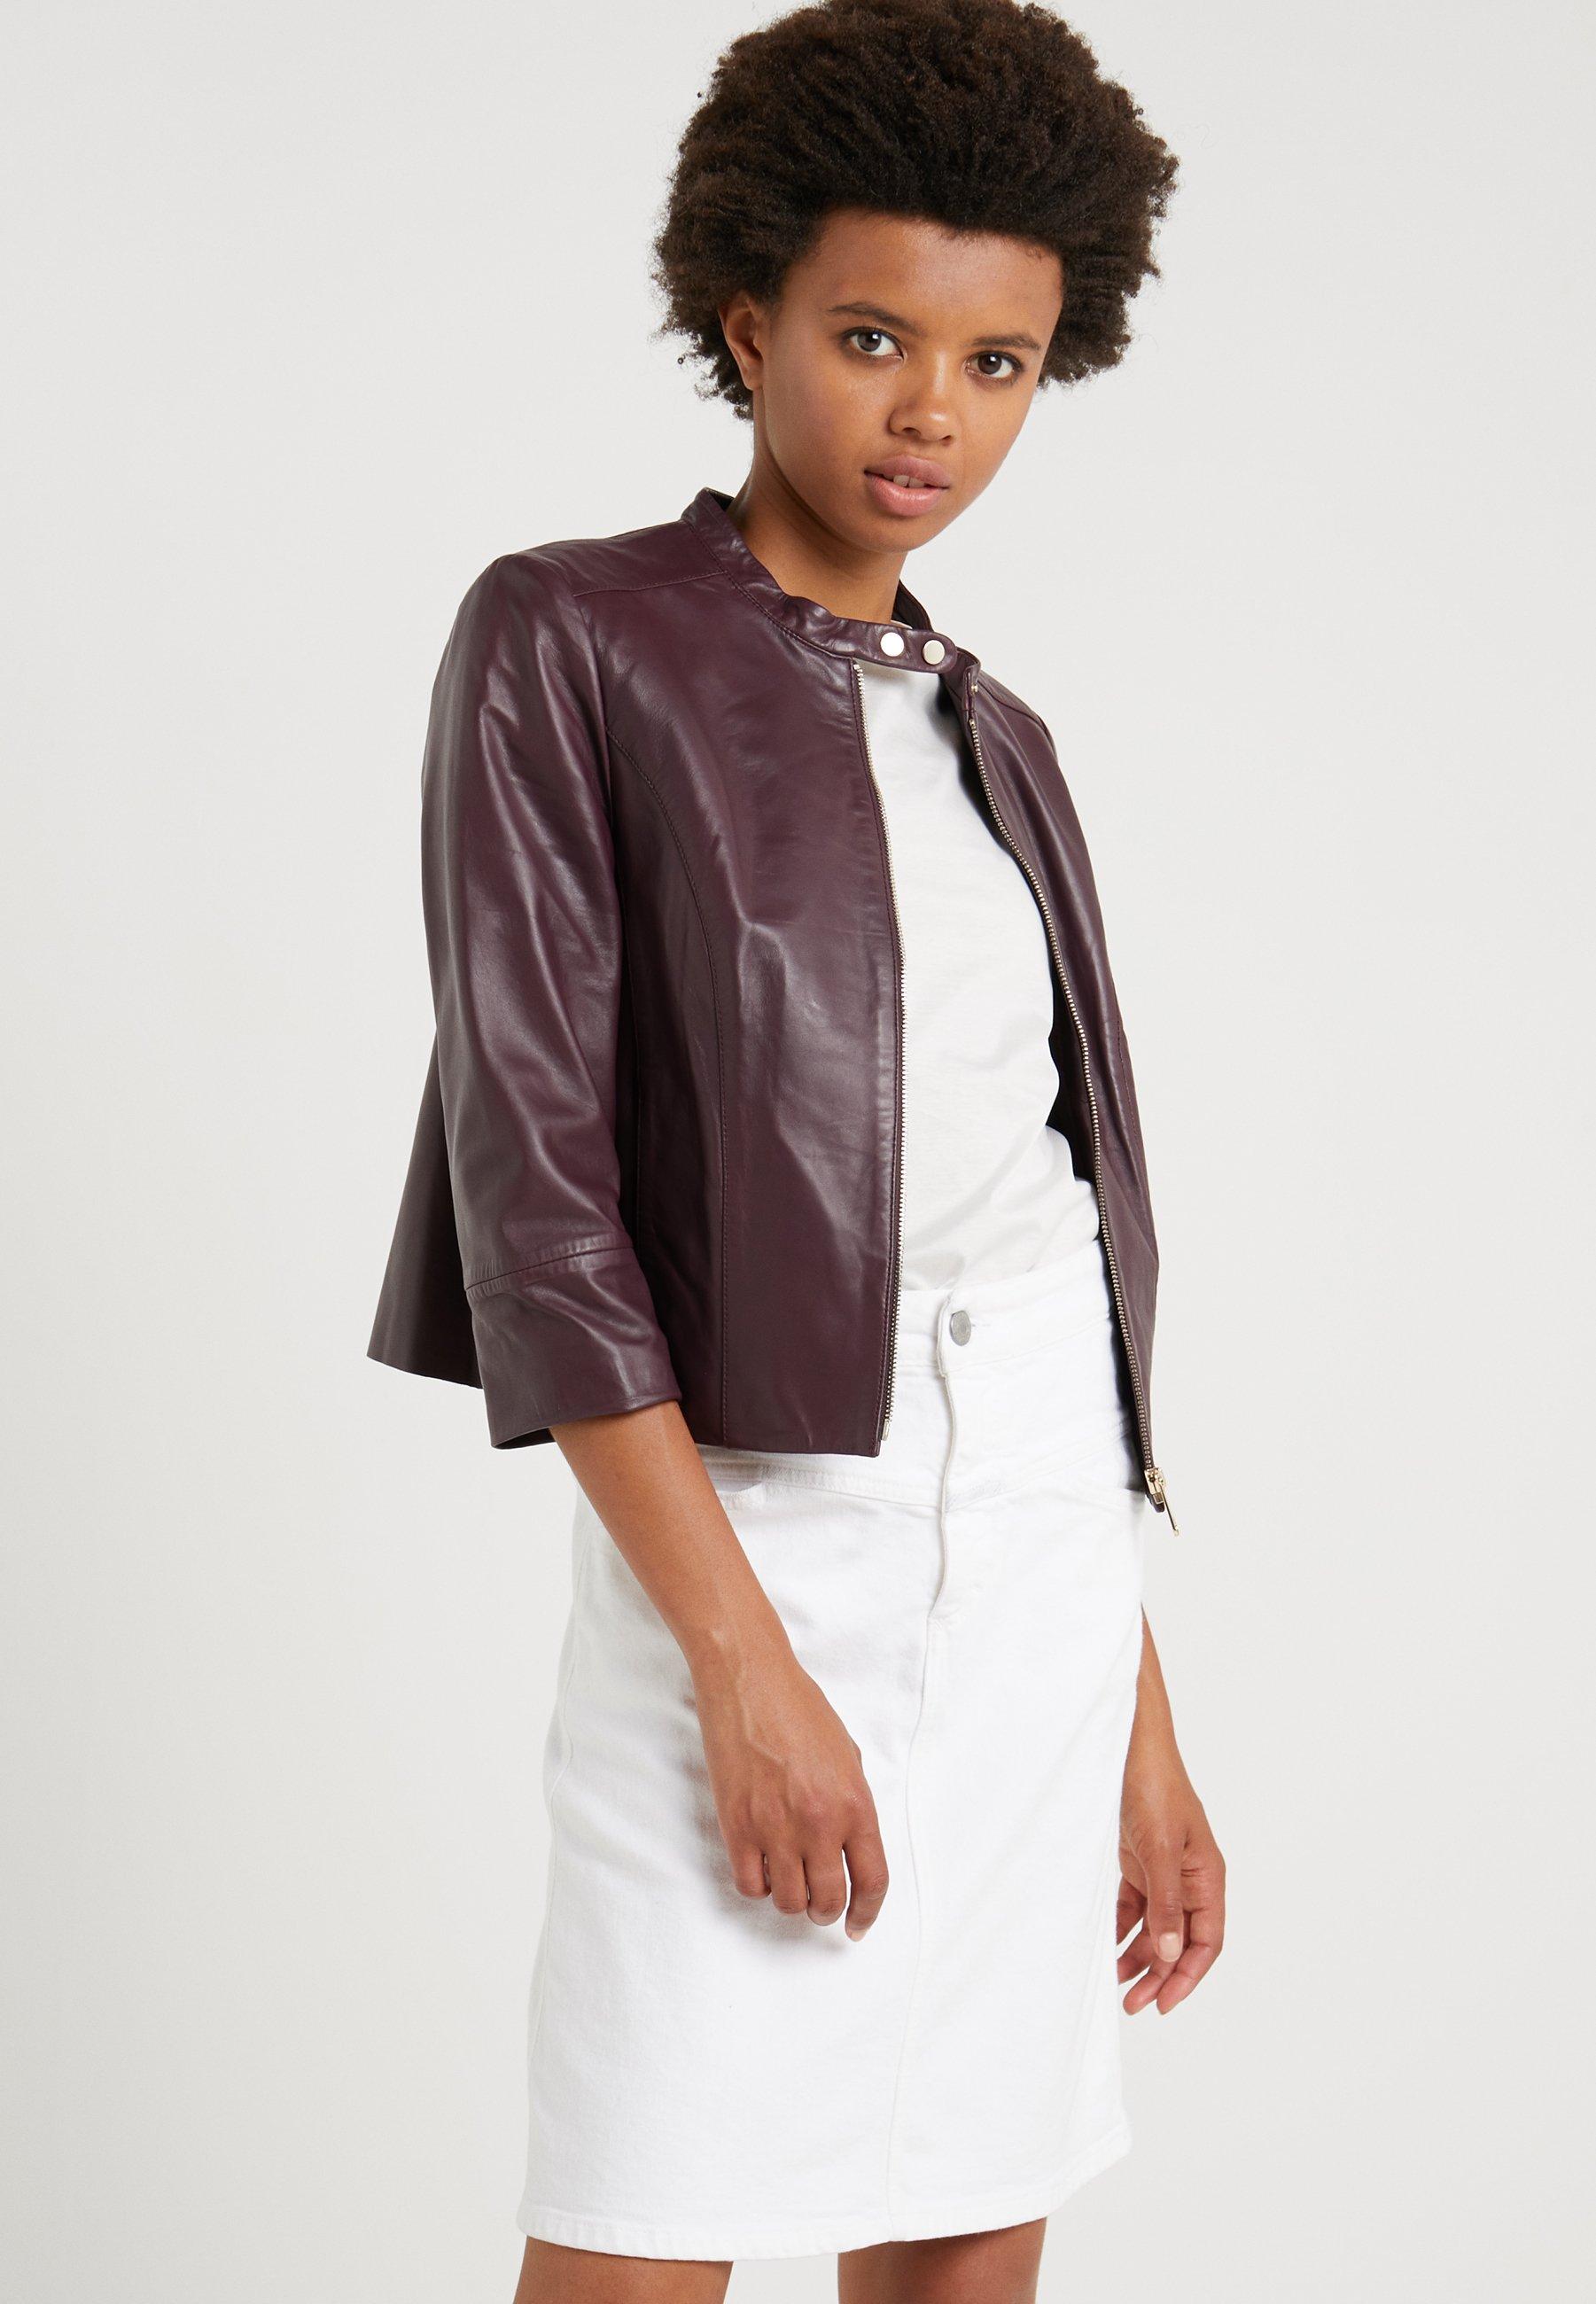 MAX&Co. DENOTARE - Veste en cuir plum